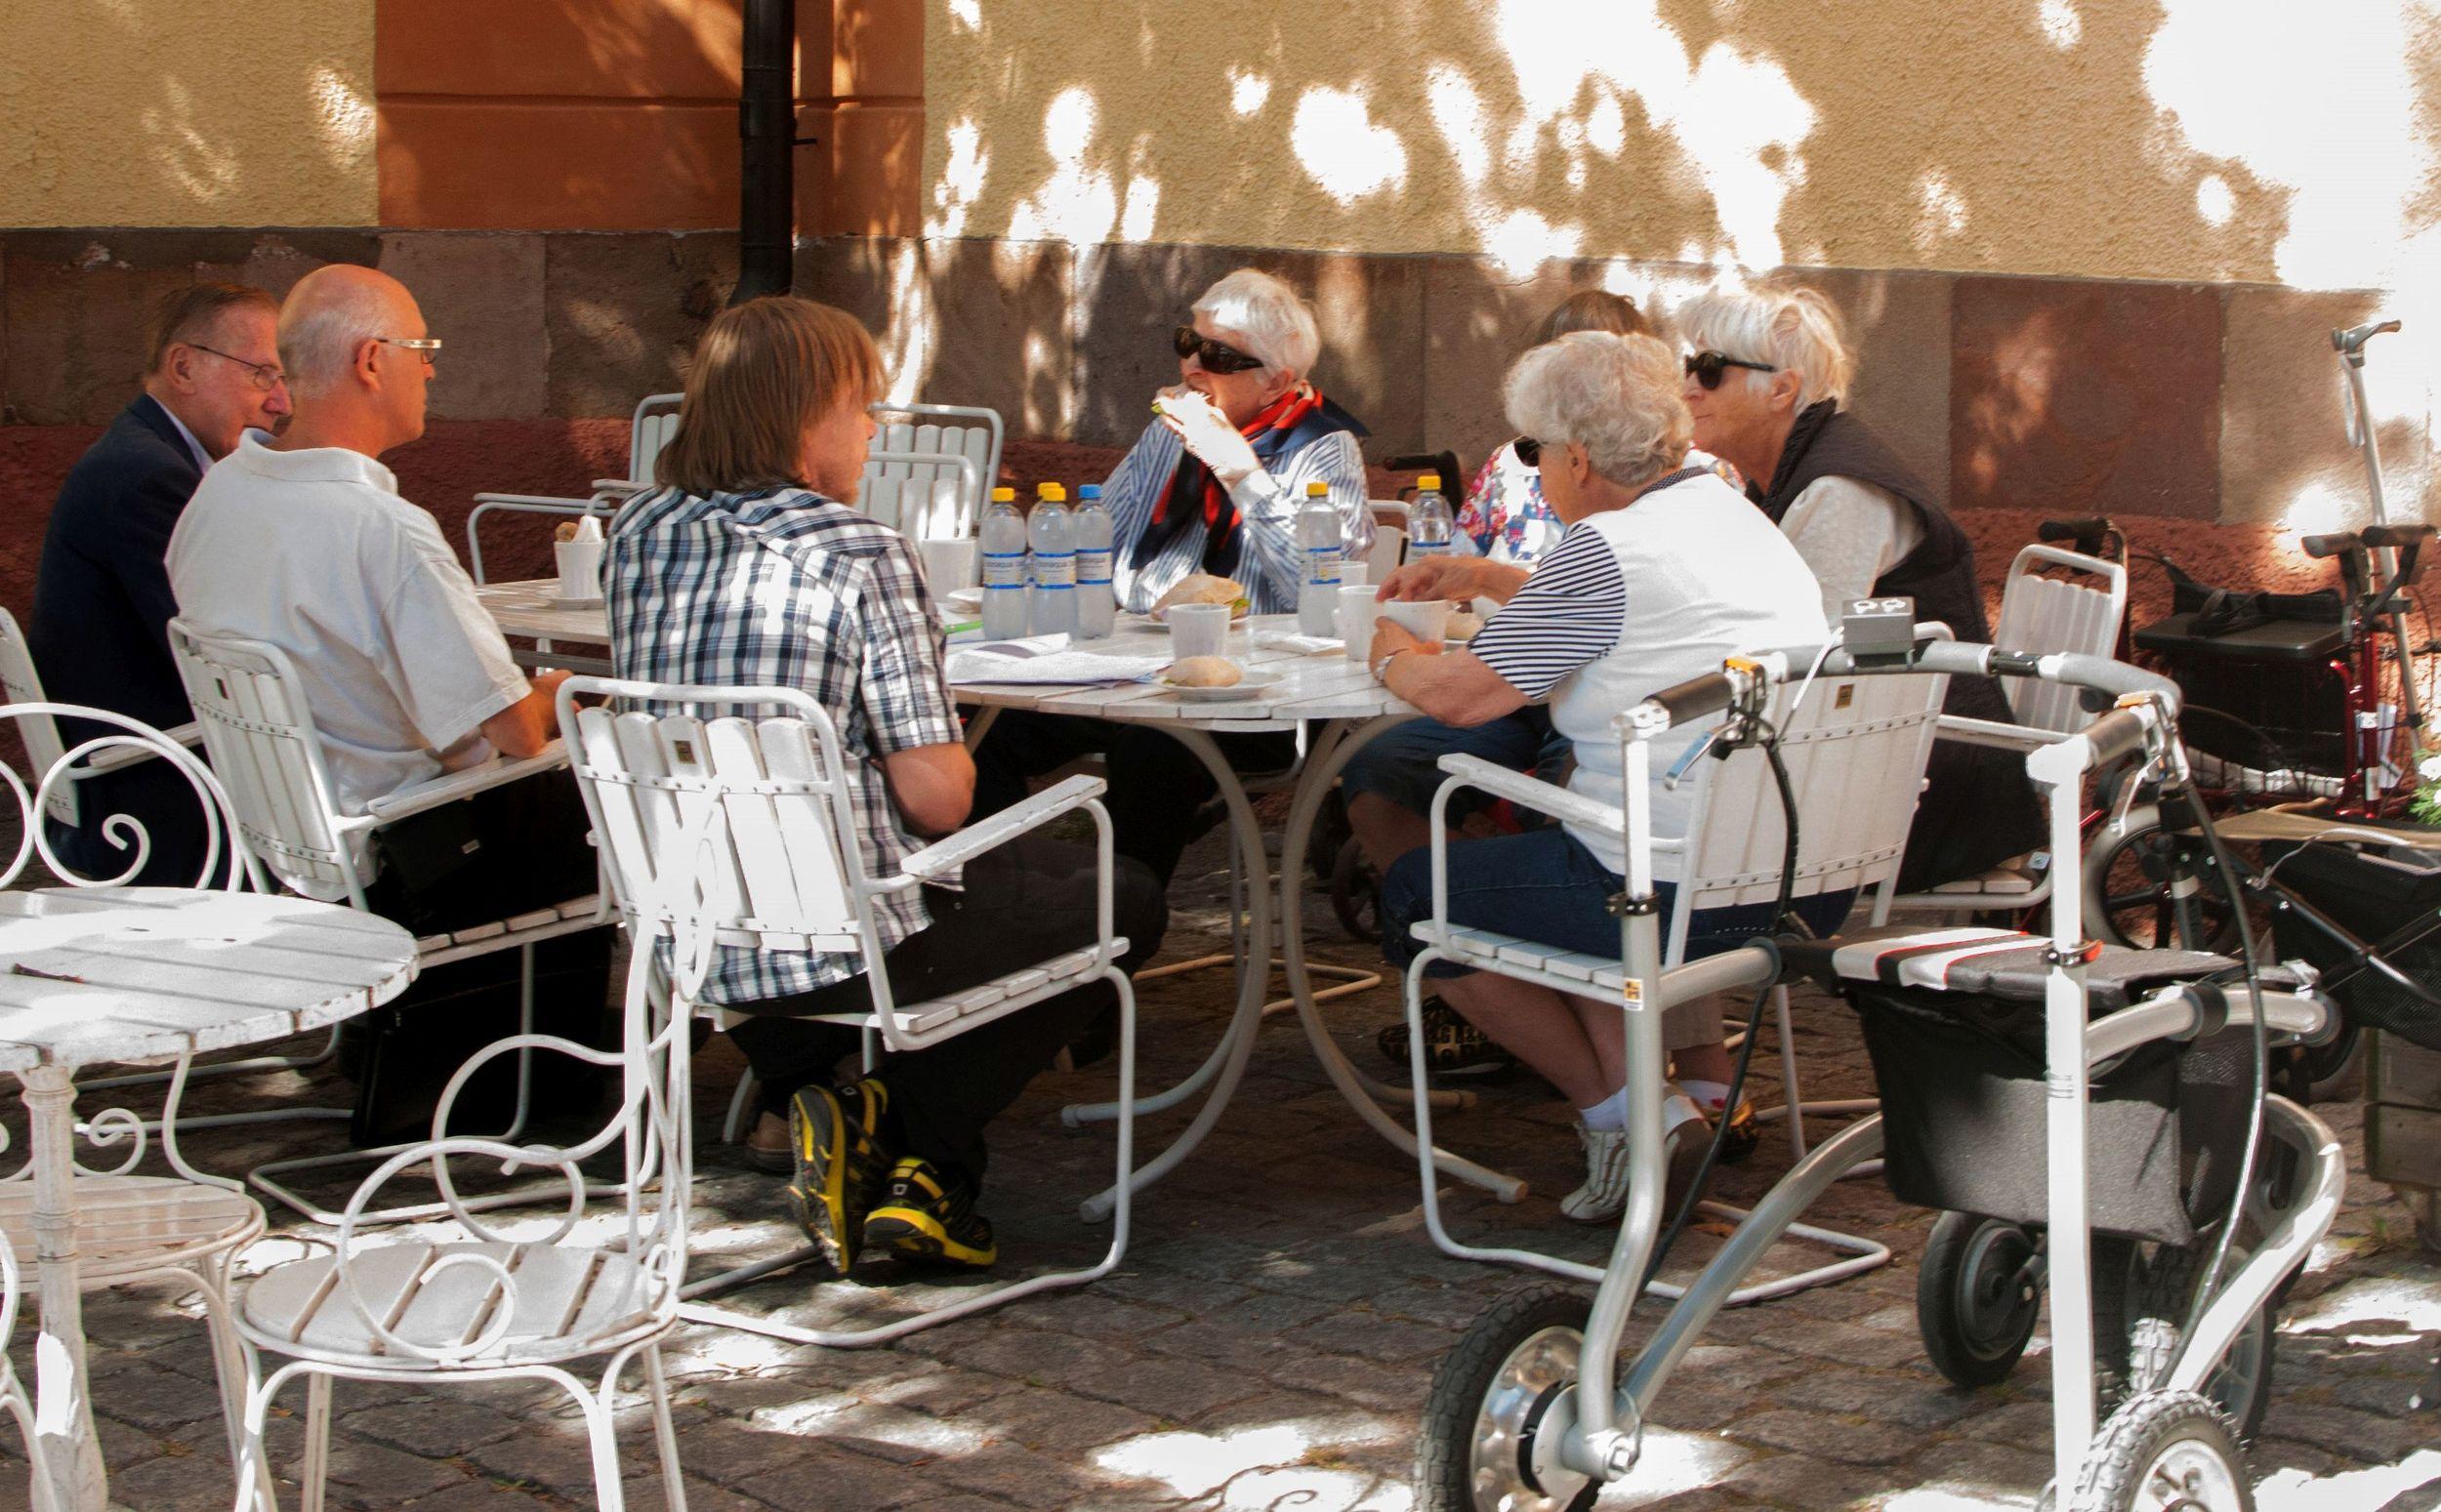 Ergänzend zu den Fragebögen berichten die Seniorinnen und Senioren nach jeder Testrunde in teilstandardisierten Interviews über die gemachten Erfahrungen (Bild: J. Kuikka).